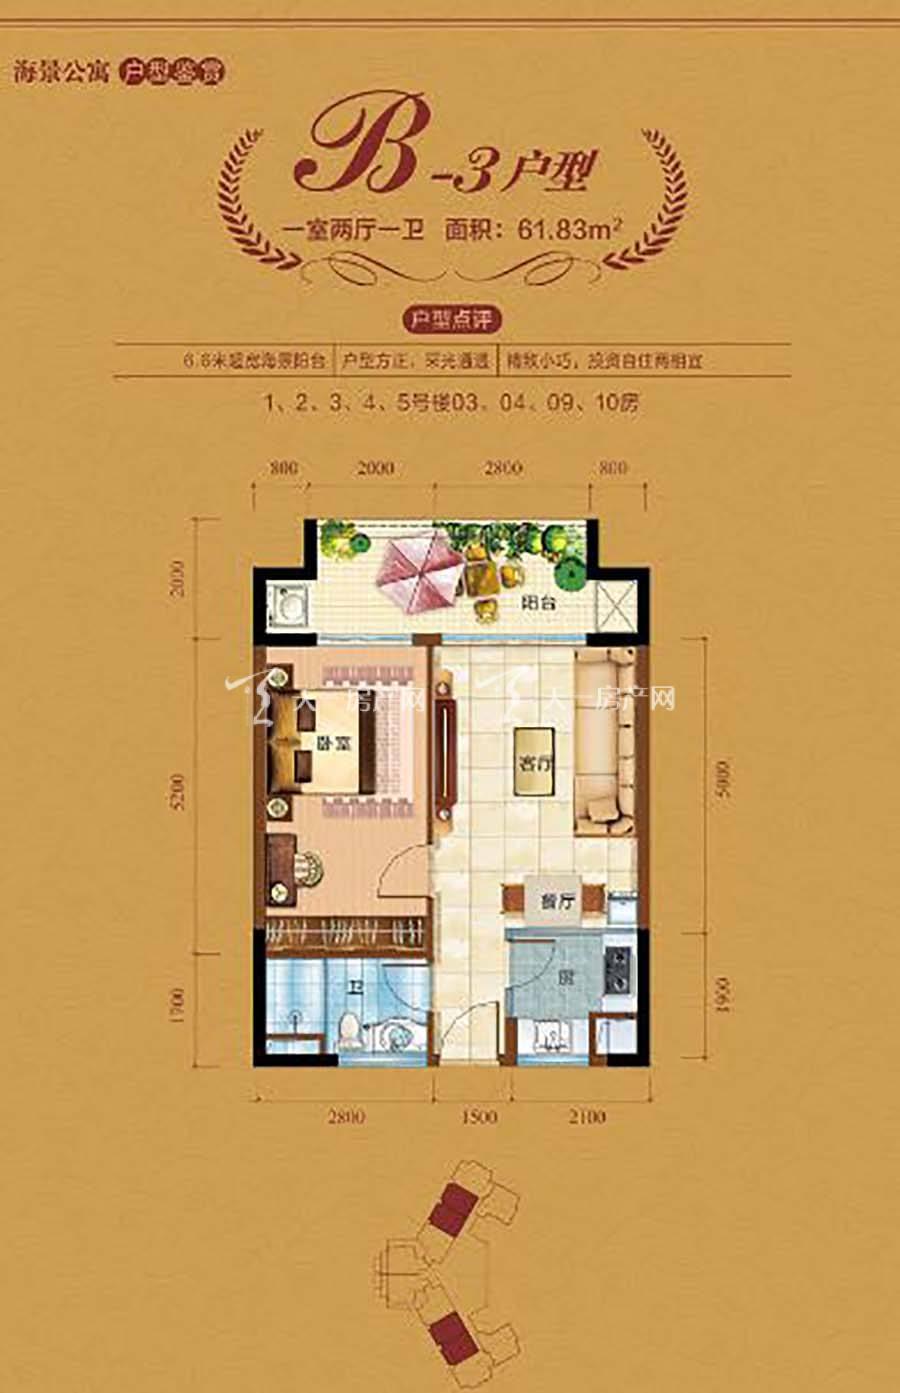 中视金海湾二期B3户型/1房2厅1卫/建筑面积:约61.83㎡